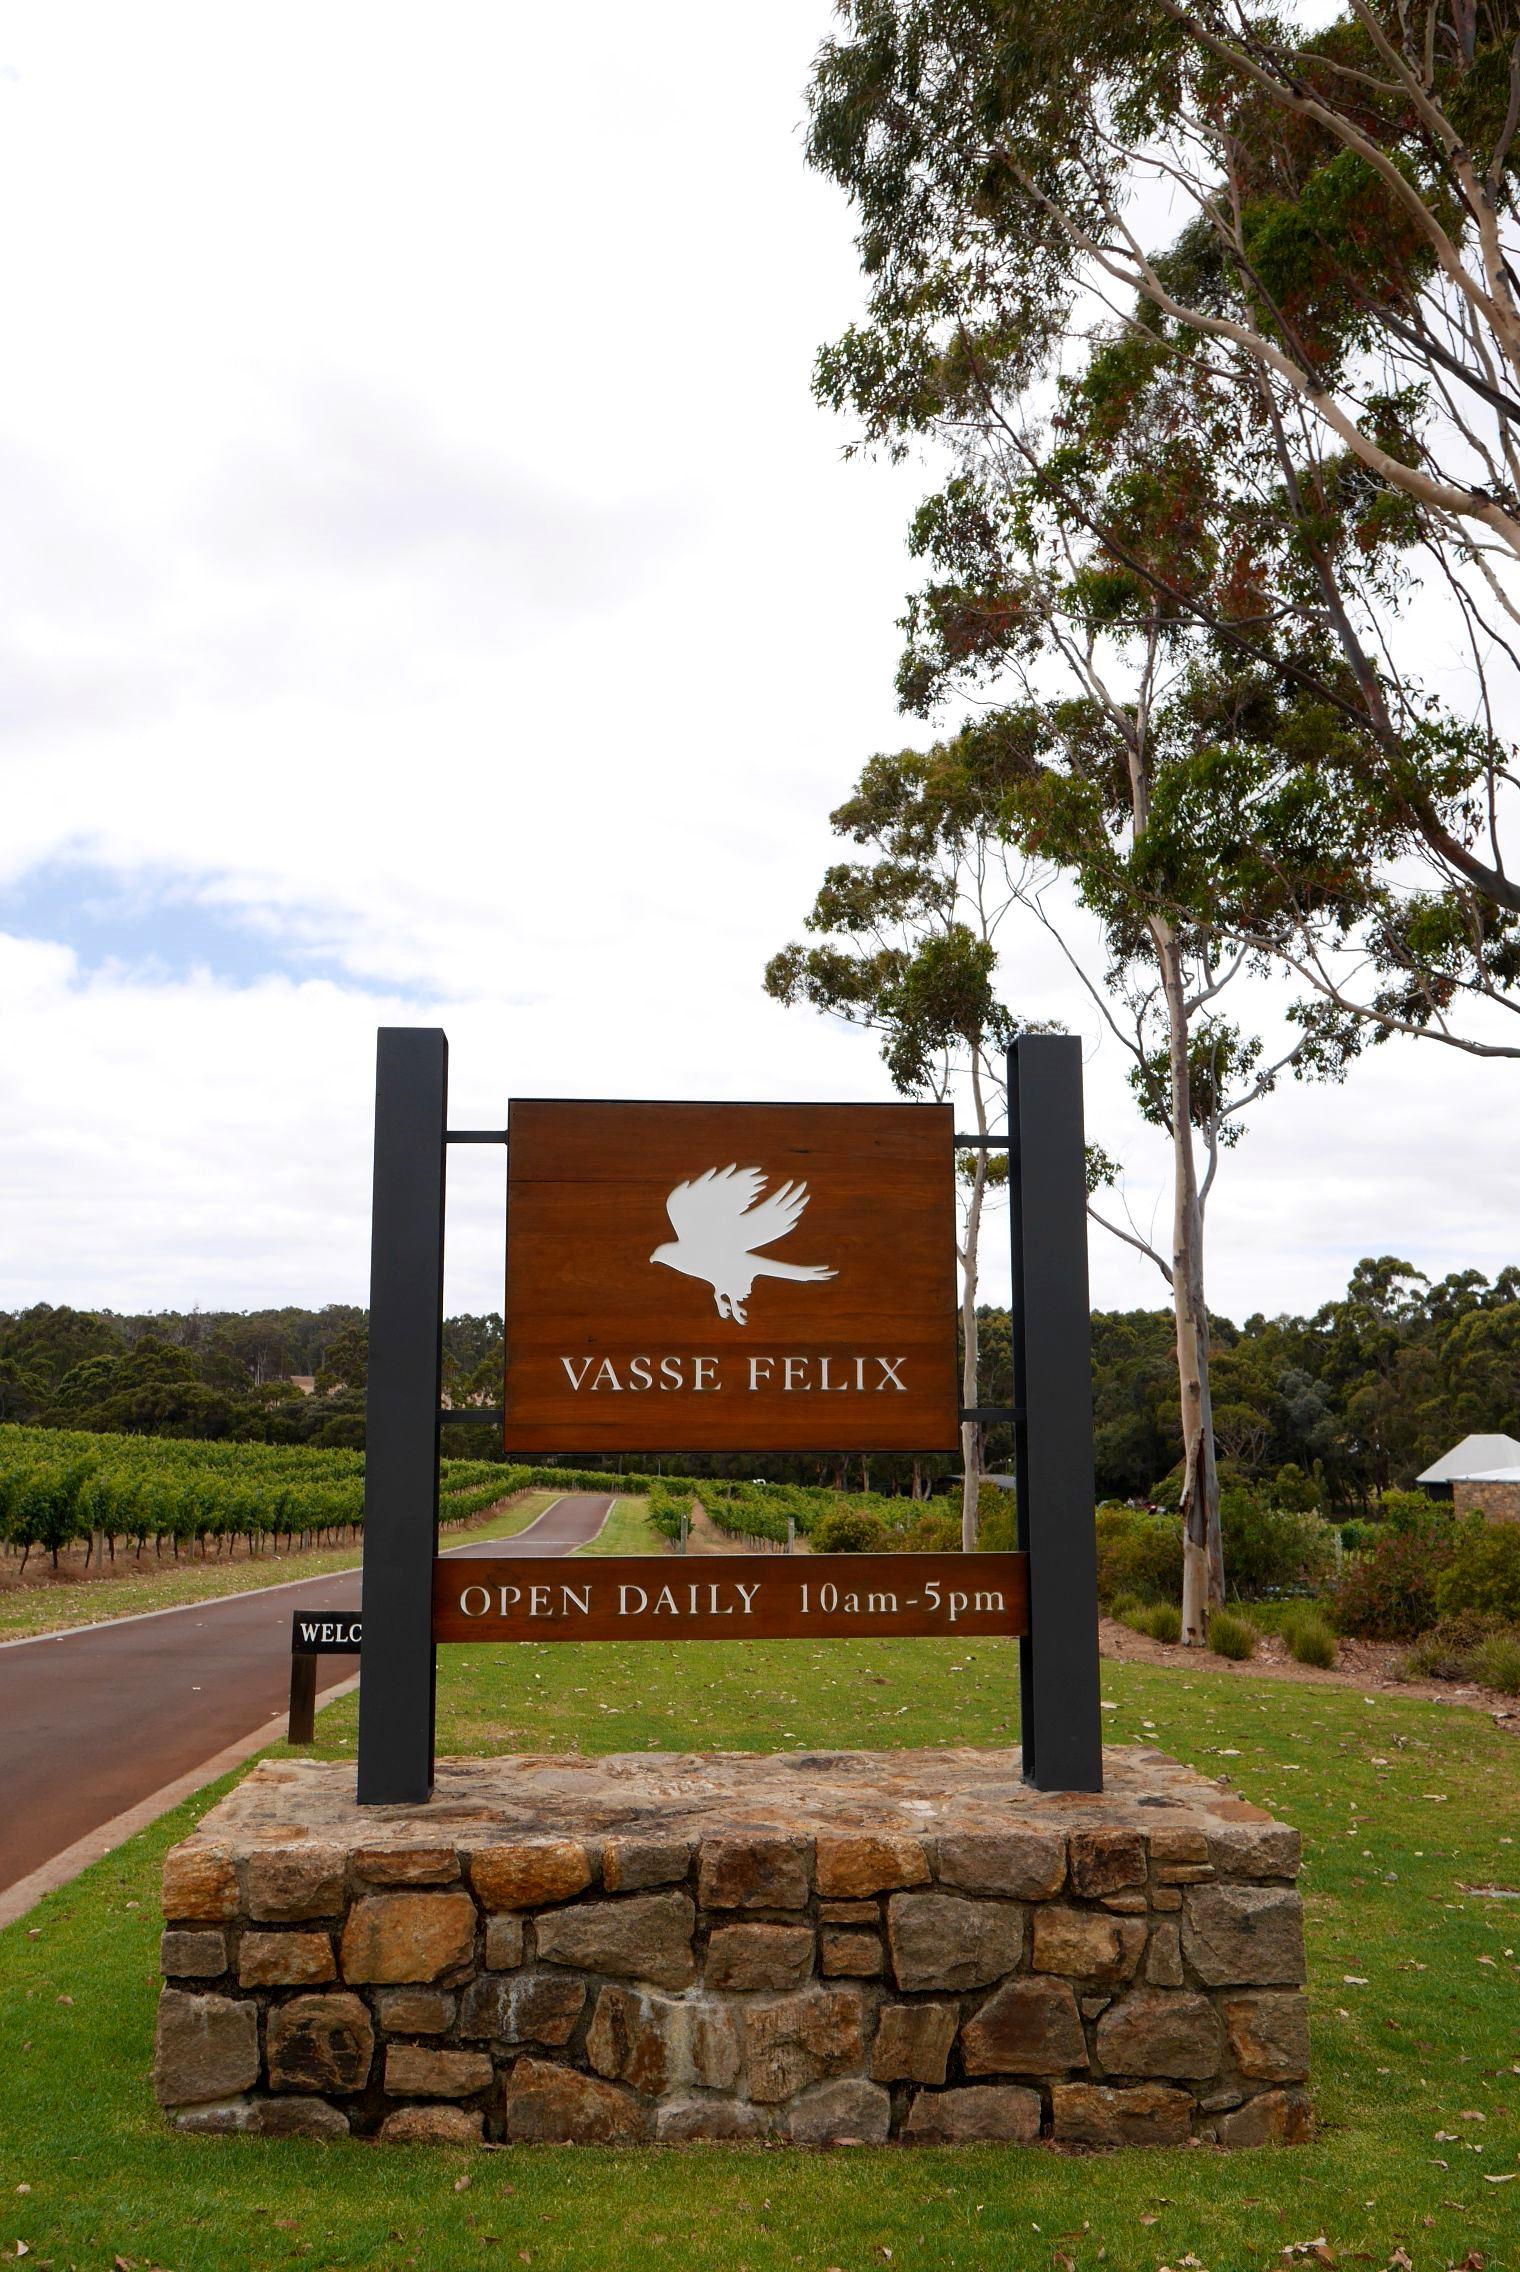 Vasse Felix, Margaret River, Western Australia